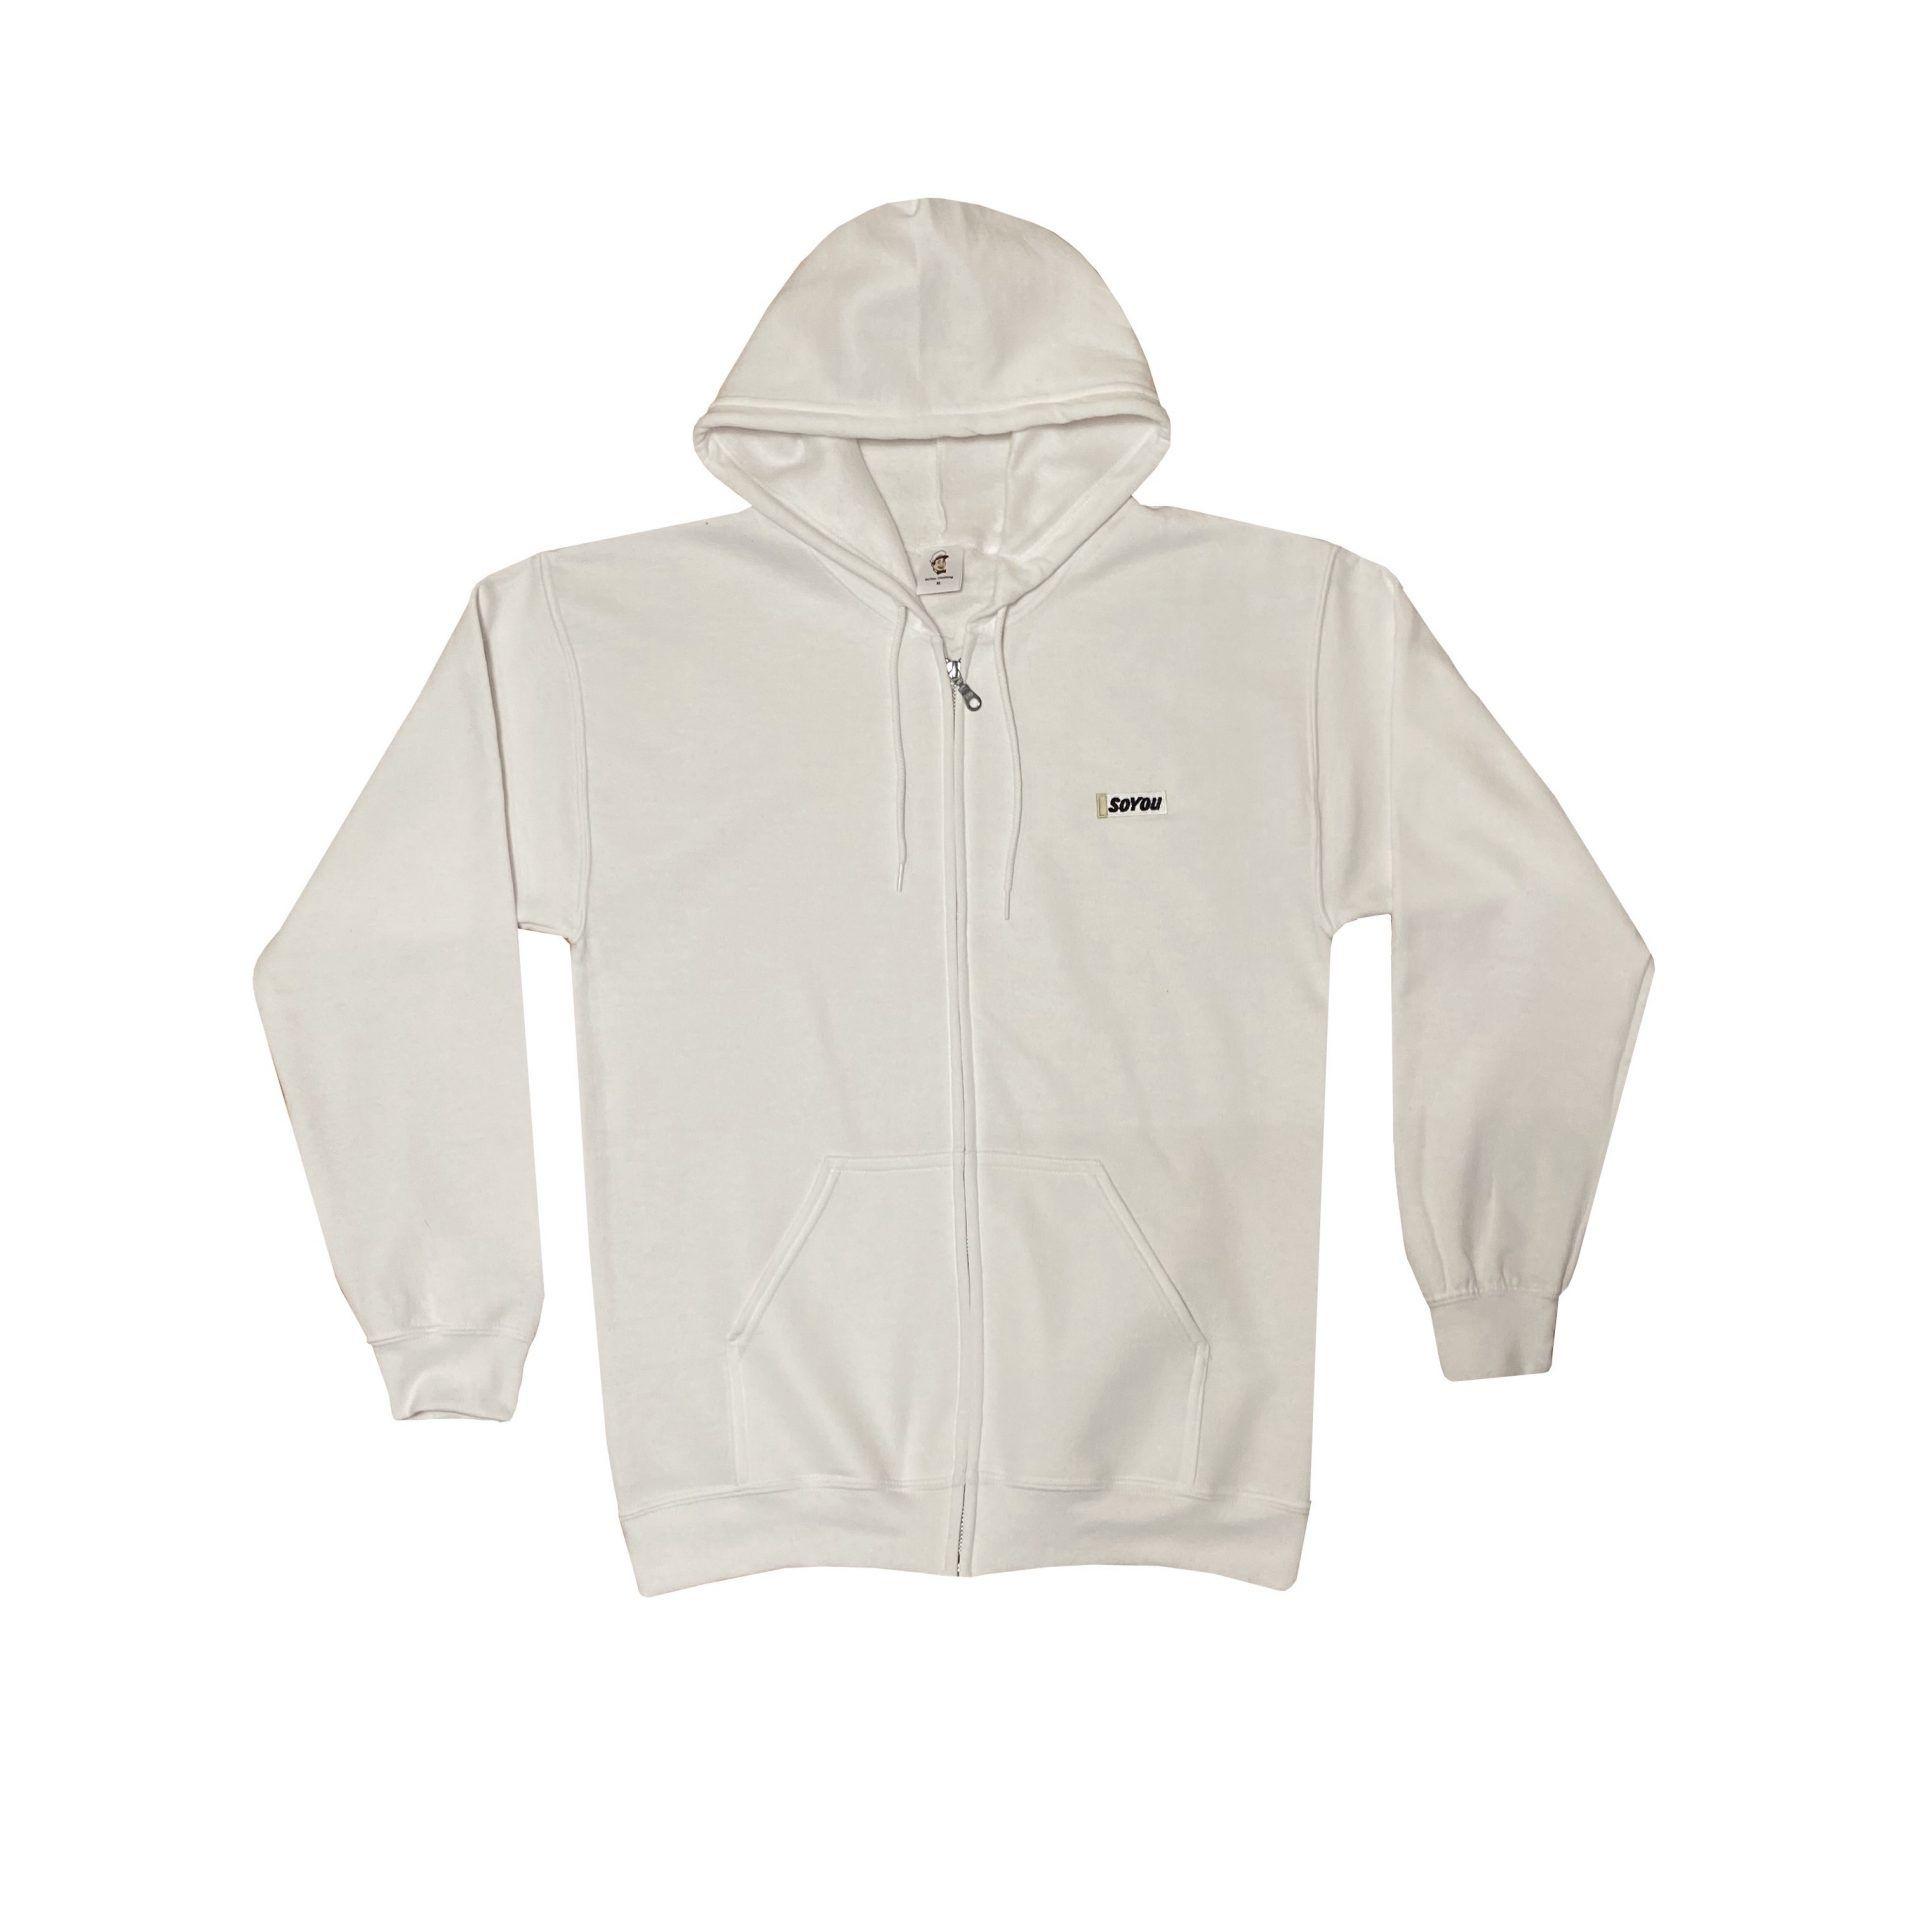 SoYou Clothing DM2 Zip Hoodie in White